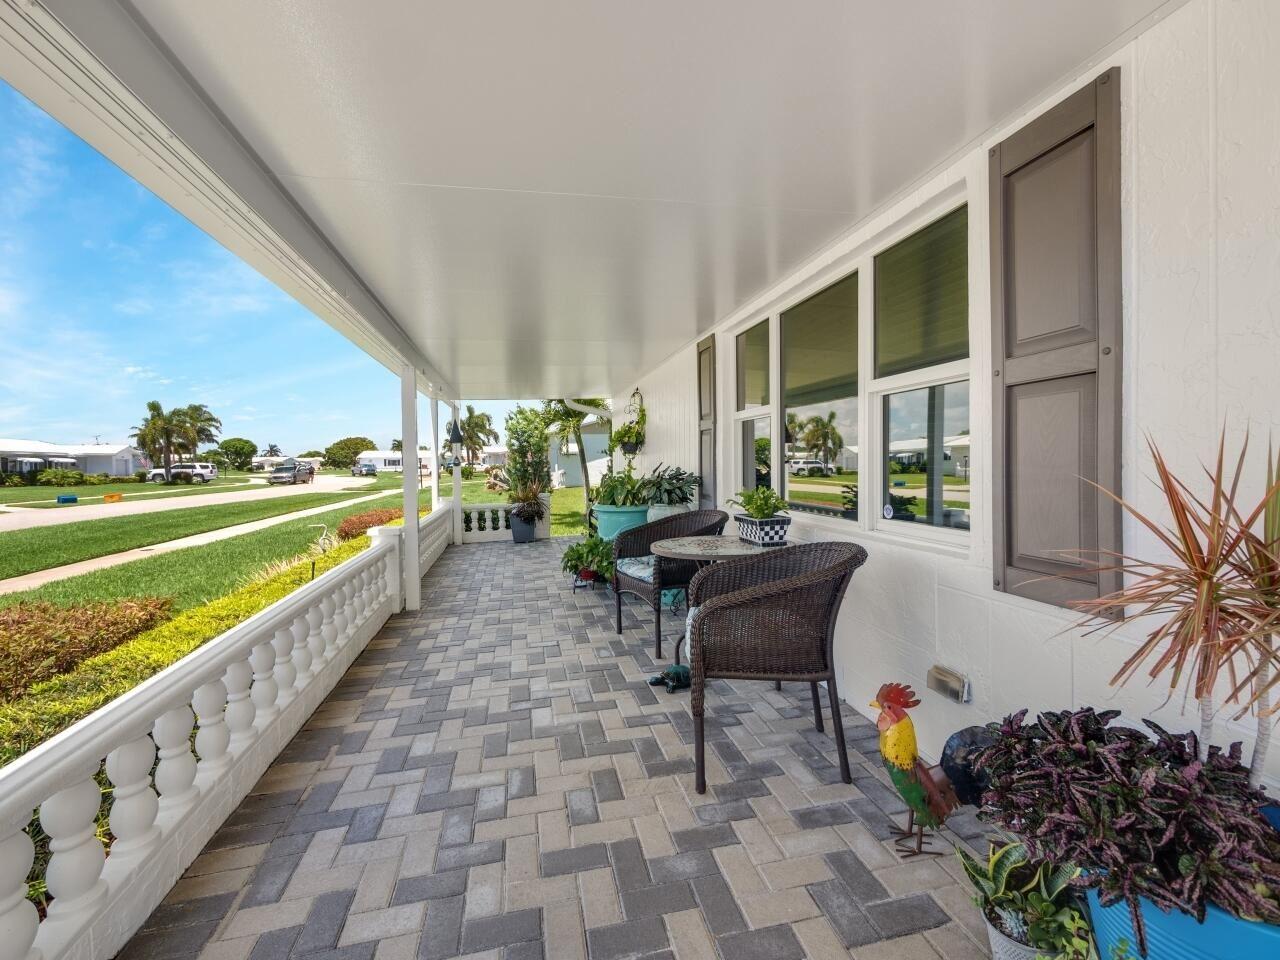 Photo of 1409 SW 17th Avenue, Boynton Beach, FL 33426 (MLS # RX-10733543)